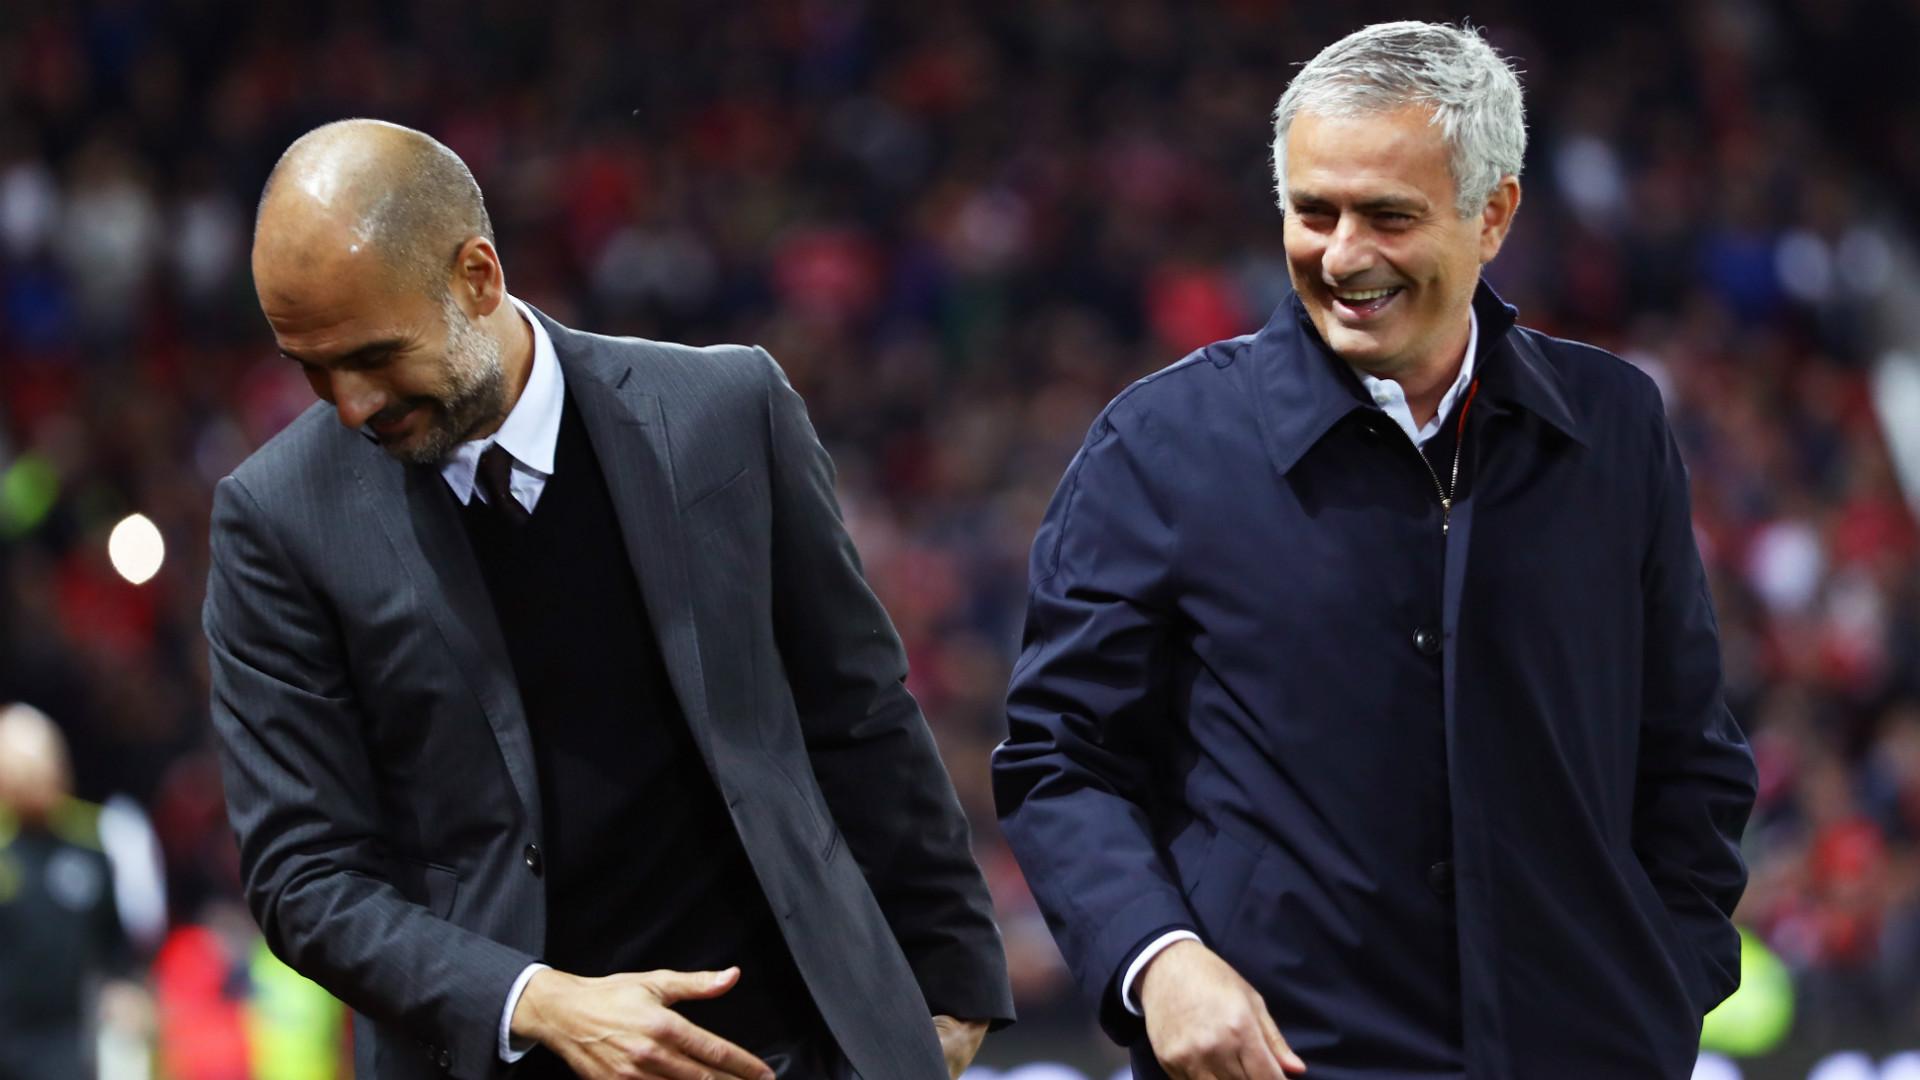 Manchester derby won't decide Premier League title - Owen